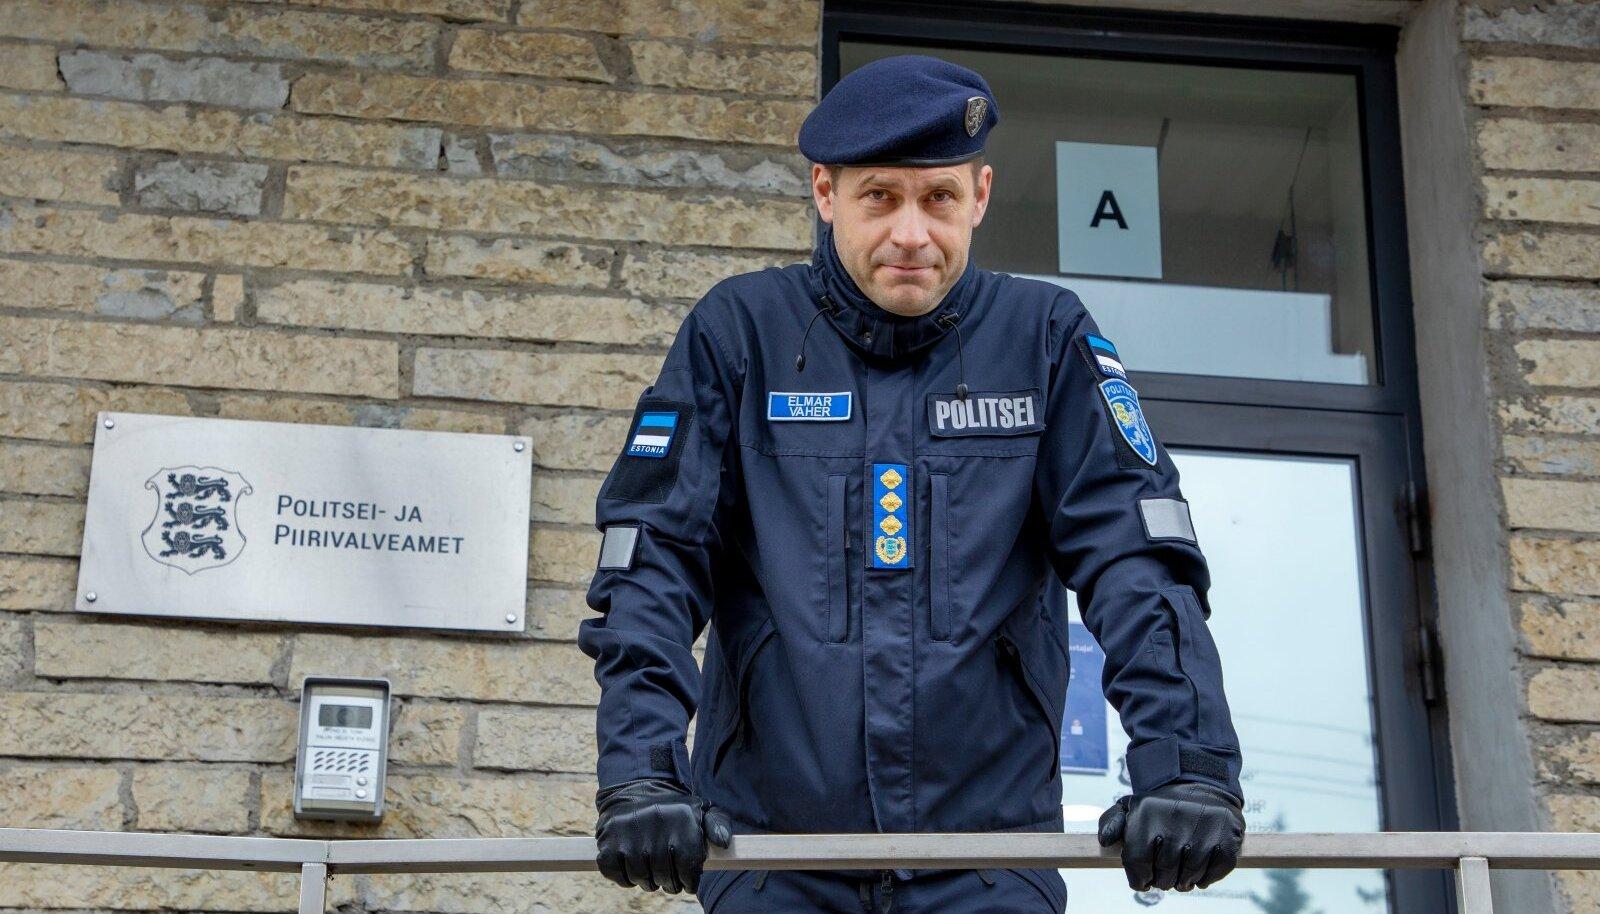 Politsei- ja piirivalveameti peadirektor Elmar Vaher ütleb, et õigusi võiks juurde anda ka omavalitsustele.